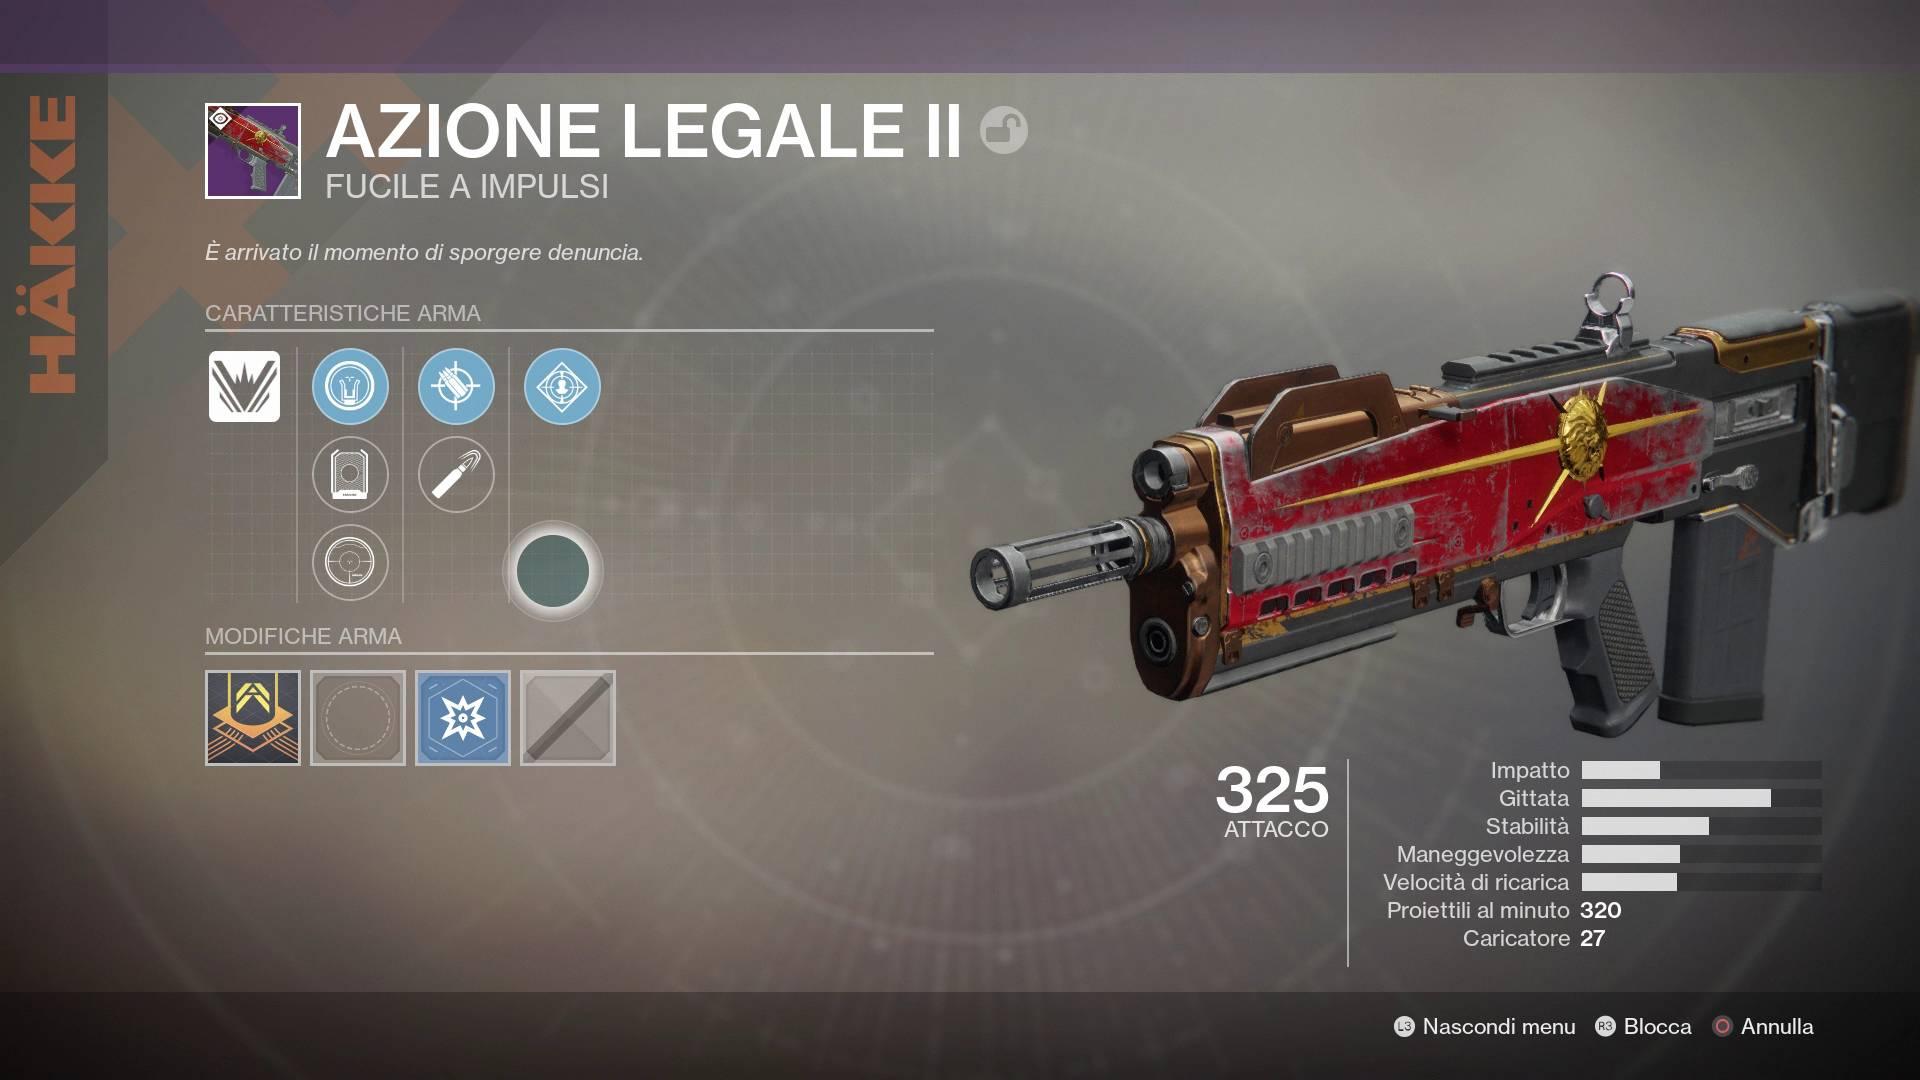 Destiny 2 - Contese di Fazione - Nuova Monarchia - Azione Legale II